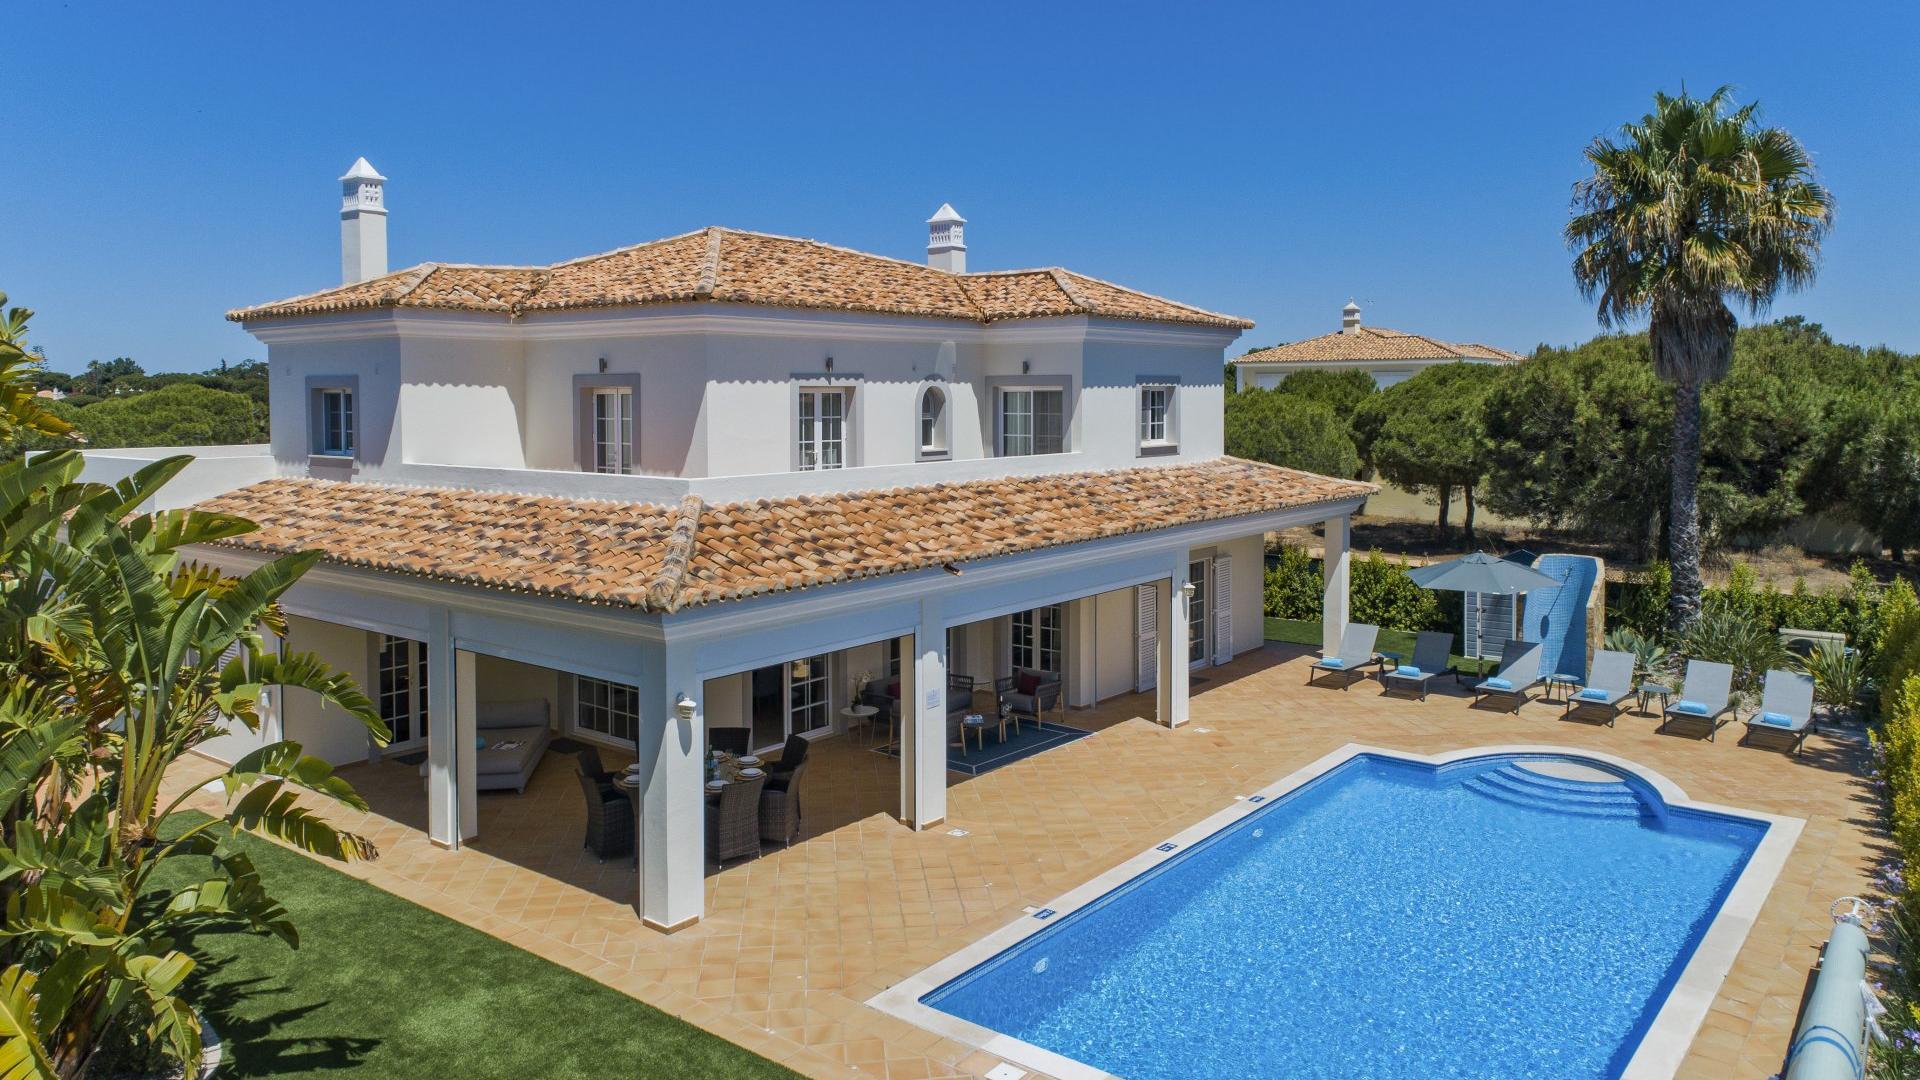 Villa Seascape - Varandas do Lago, Quinta do Lago, Algarve - Villa_Seascape_Exterior_1.jpg